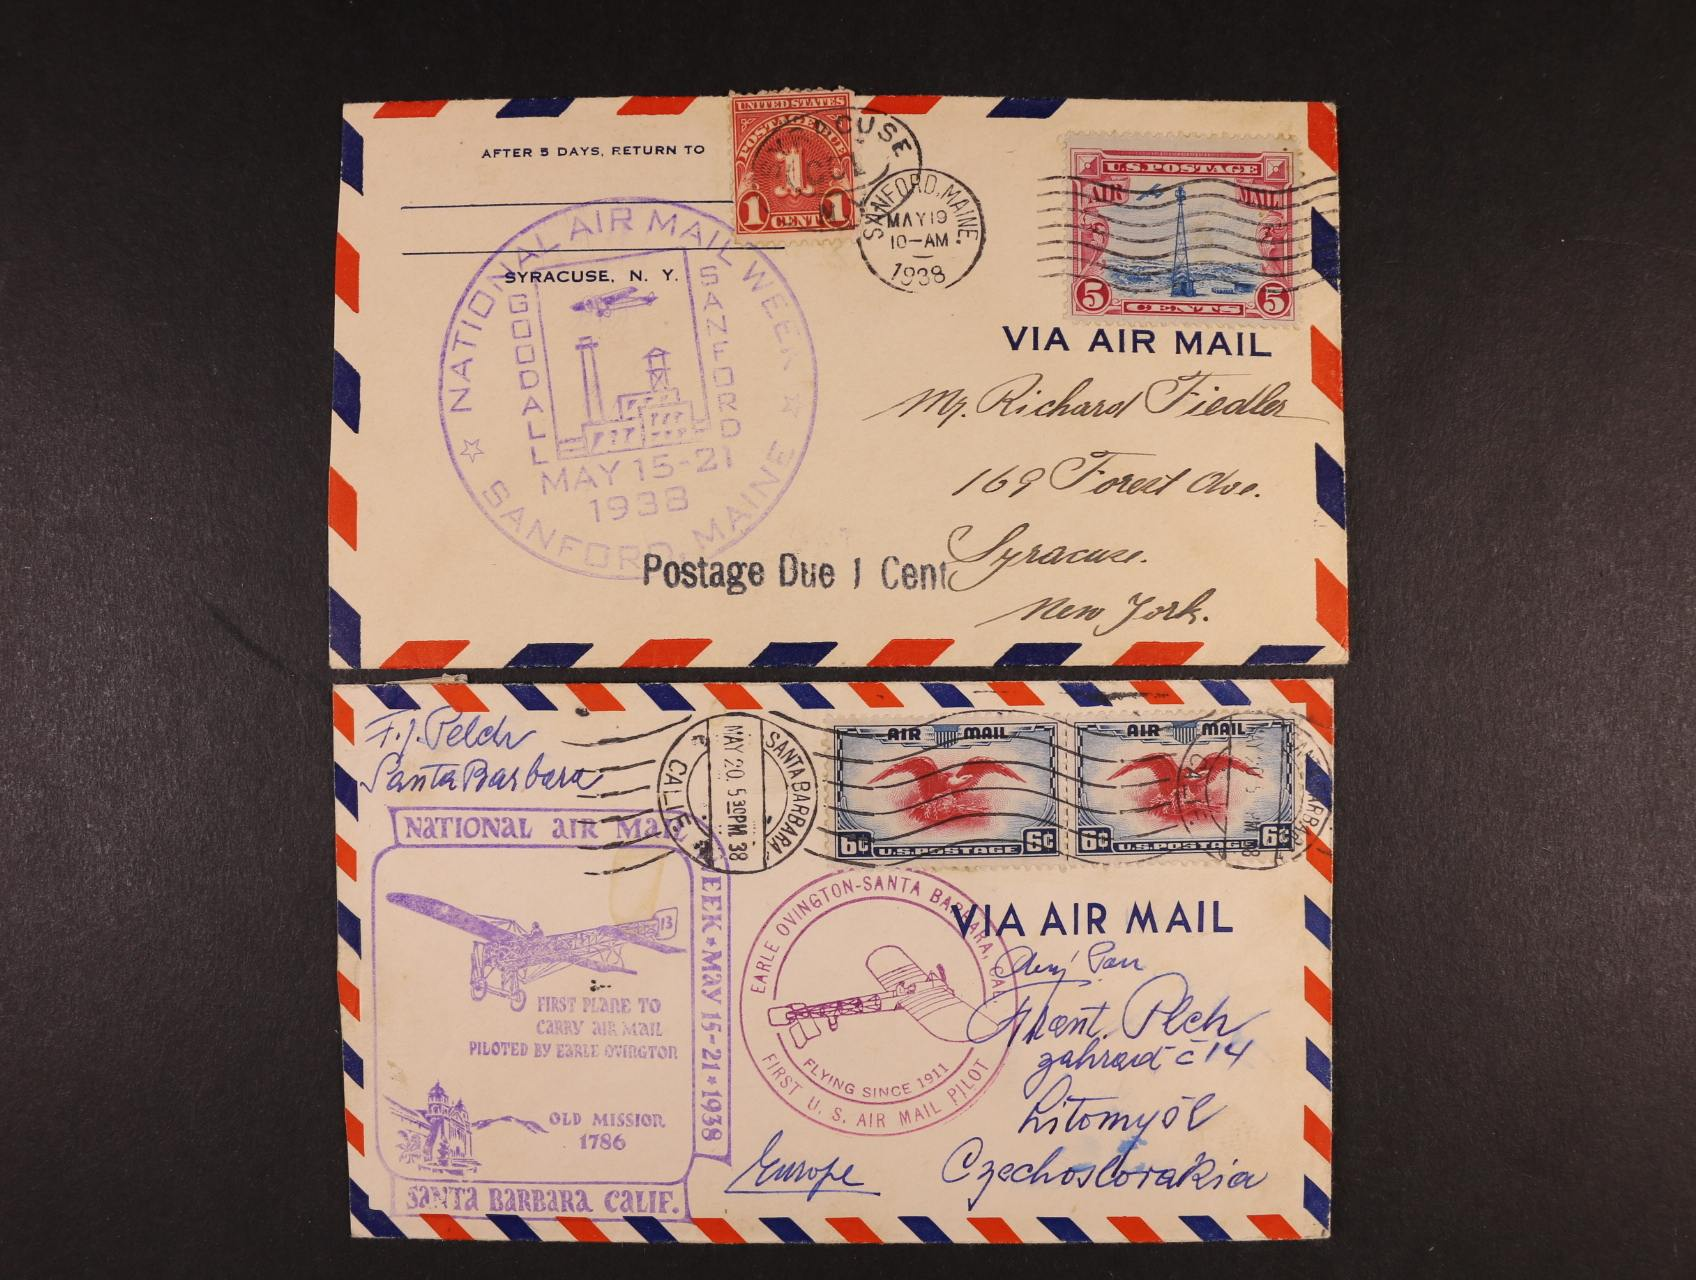 USA - dvě celistvosti z let 1938 přepr. zvláštními lety se všemi náležitostmi vč. palubních kašetů, dobrá kvalita